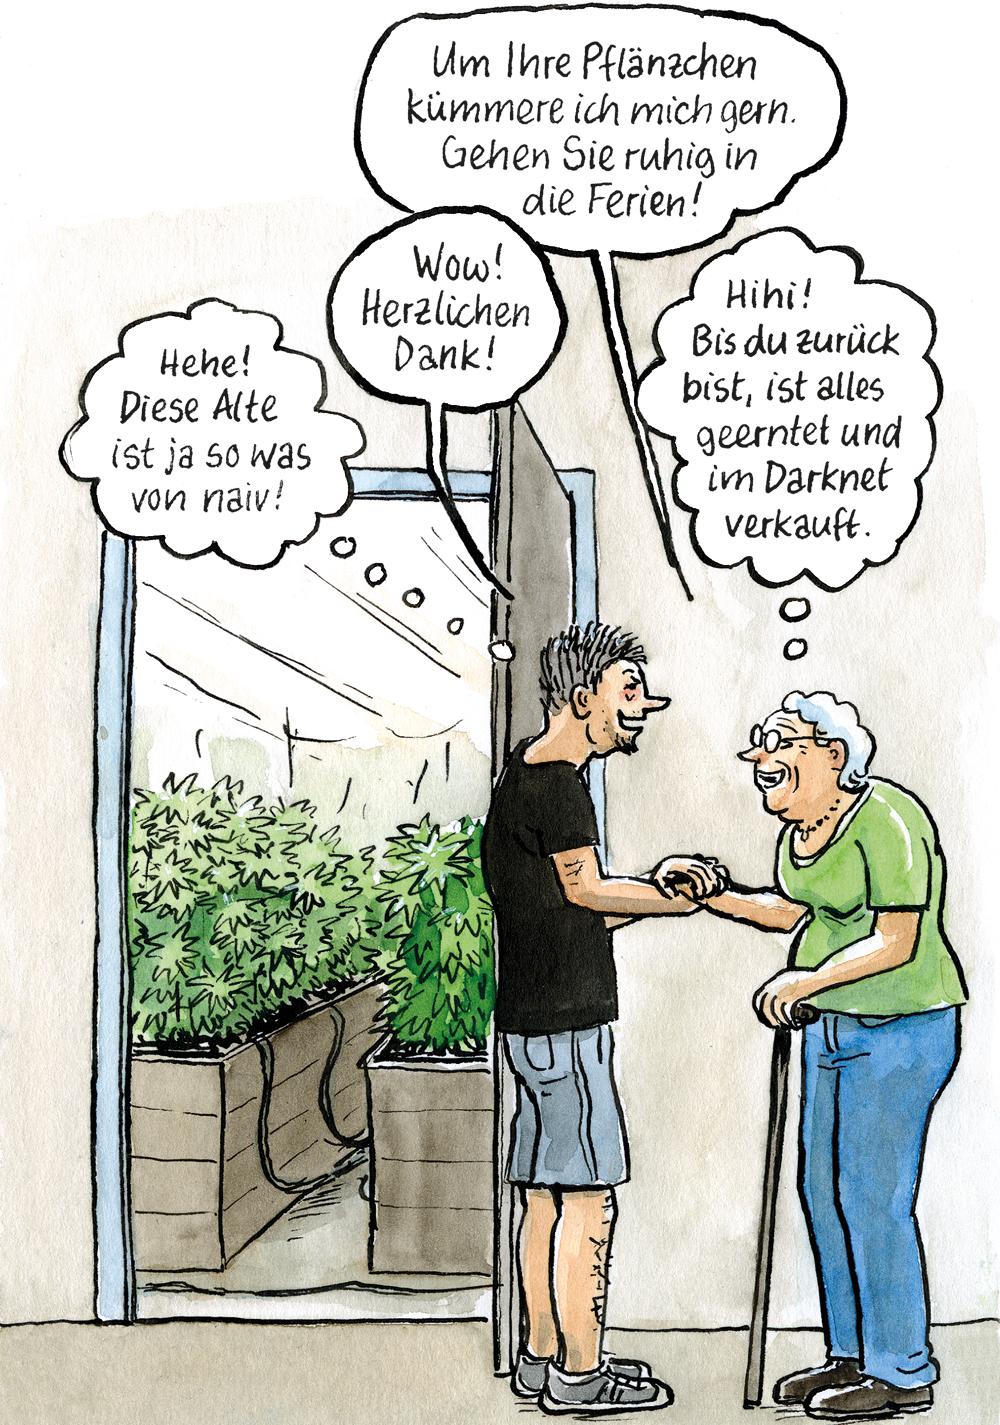 Die Nachbarin soll für die Hanfplantage schauen